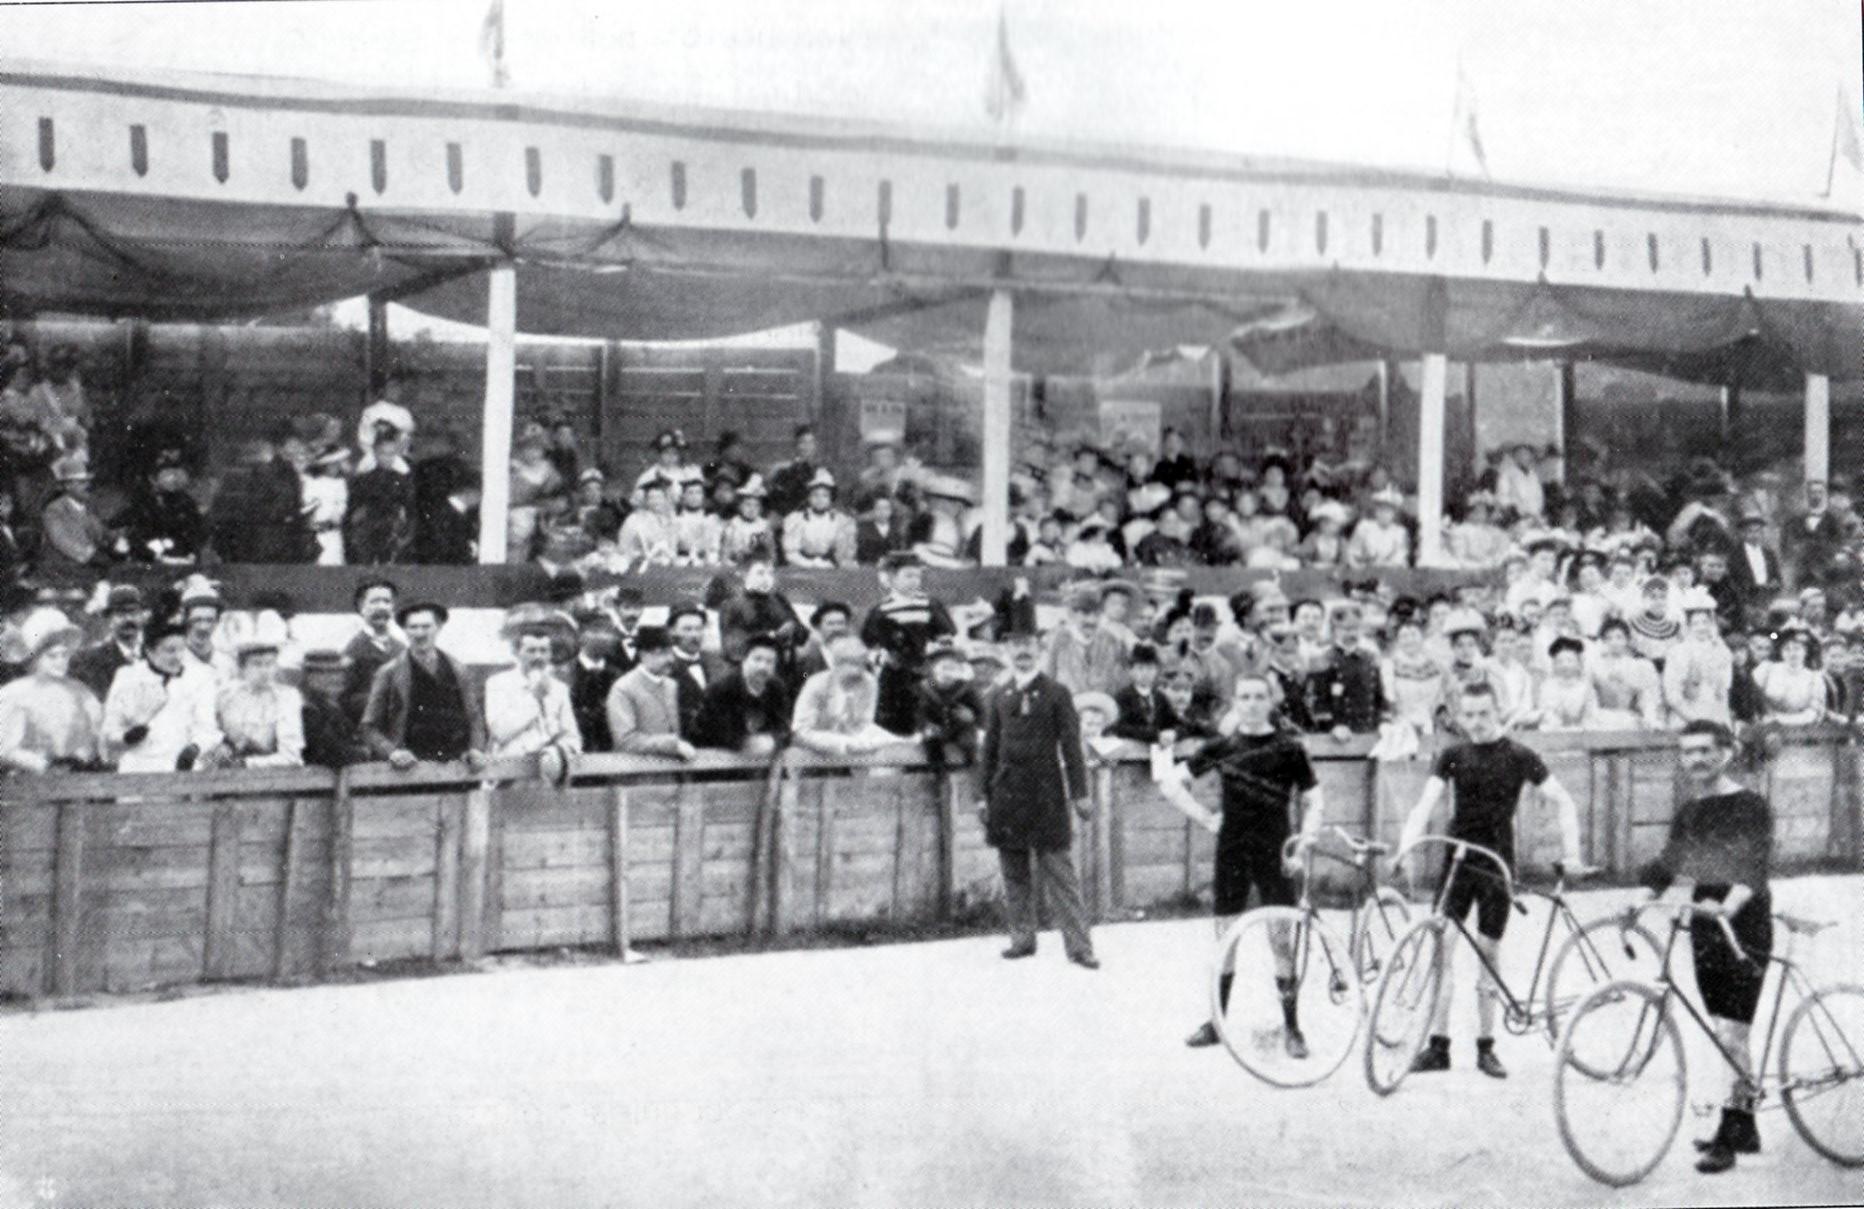 Campionato Sociale di Alessandria nel 1893. Il Conte Biglione di Viarigi, presidente UVI, starter d'eccezione. I corridori: da sinistra, Giovanni Cornaglia, Giovanni Pregno e Pietro Bono (questo fu anche l'ordine d'arrivo).